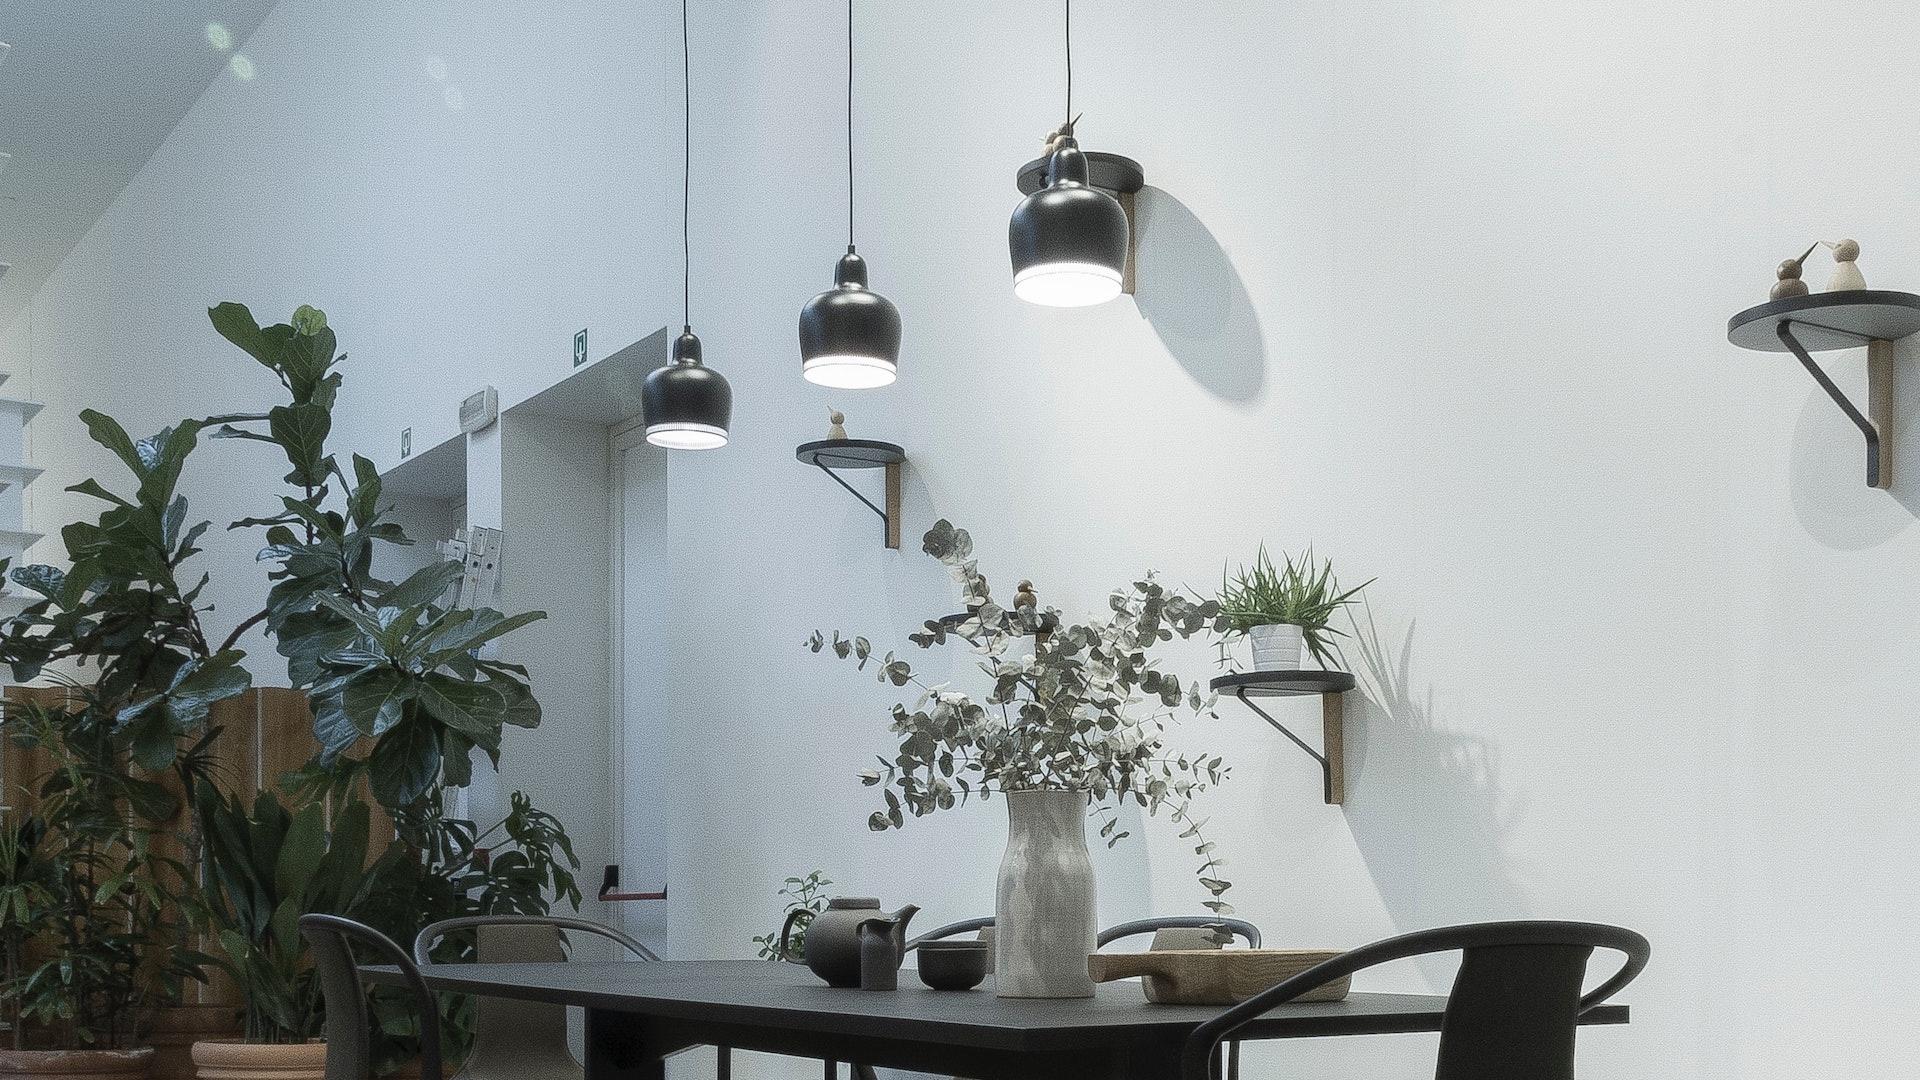 黒いテーブルとたくさんの観葉植物のある部屋